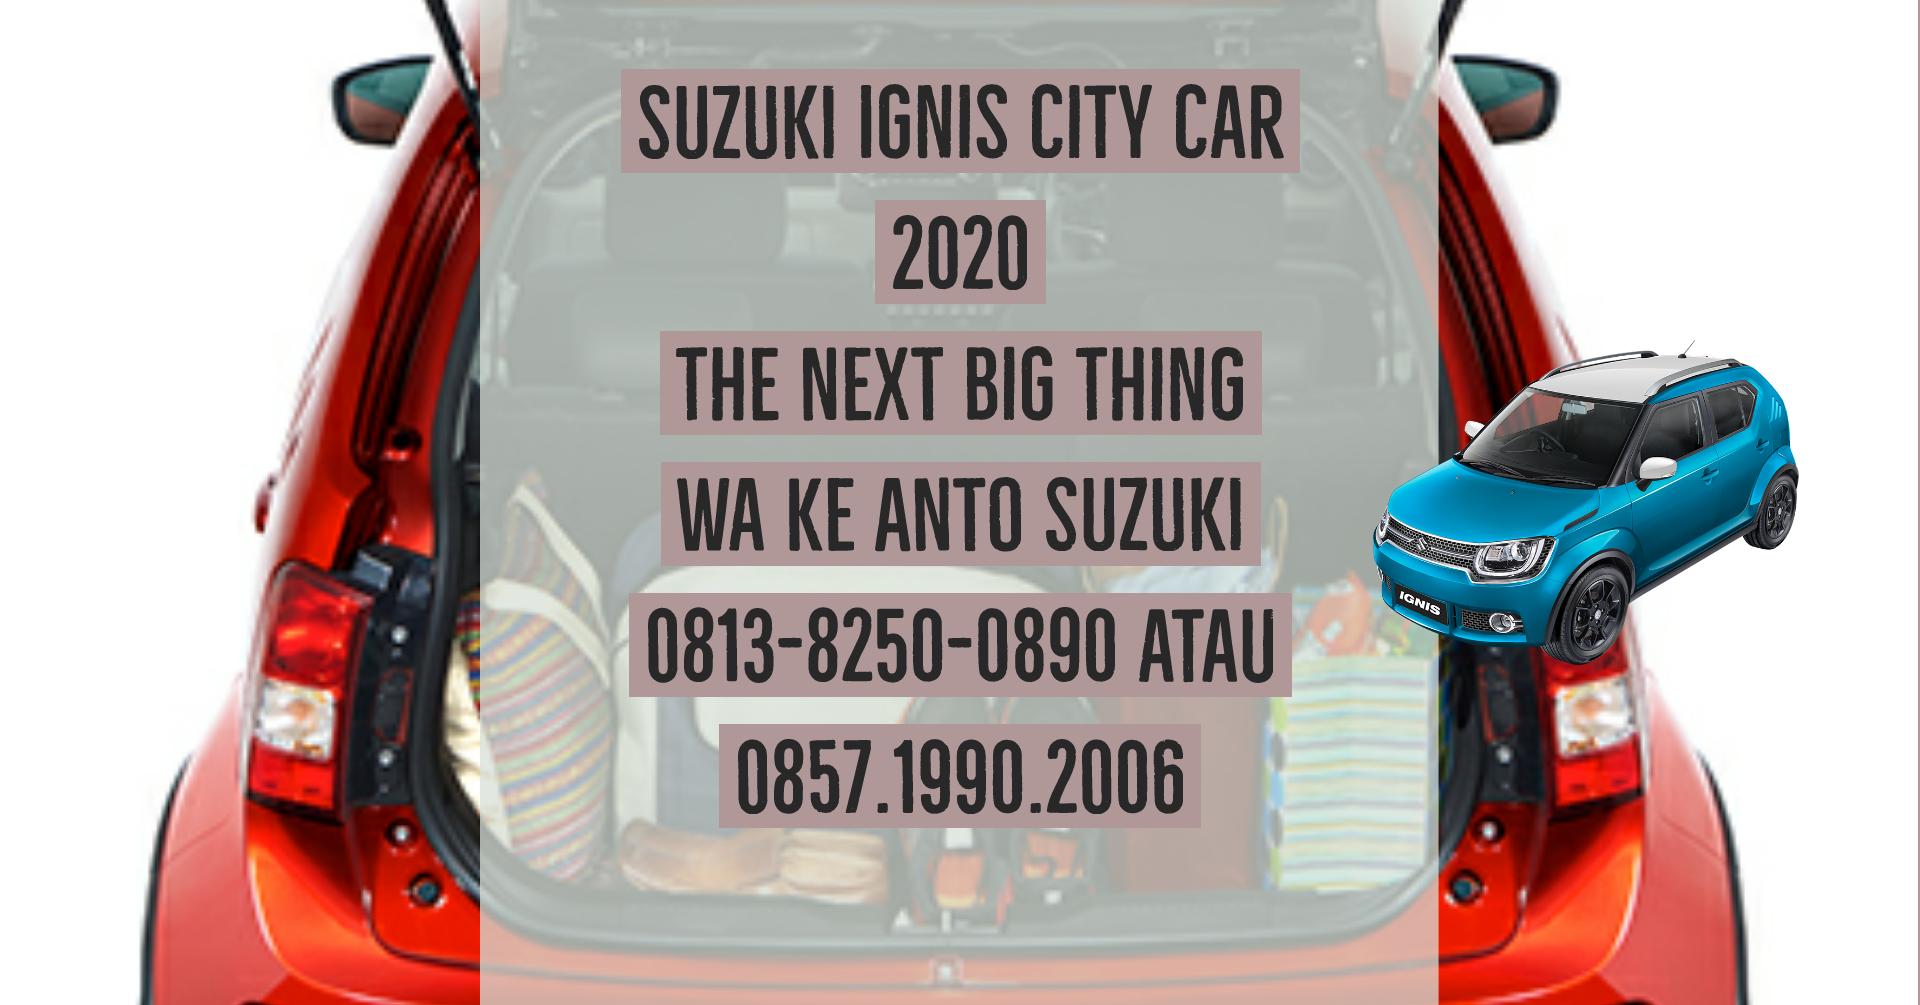 Suzuki Ignis City Car 2020